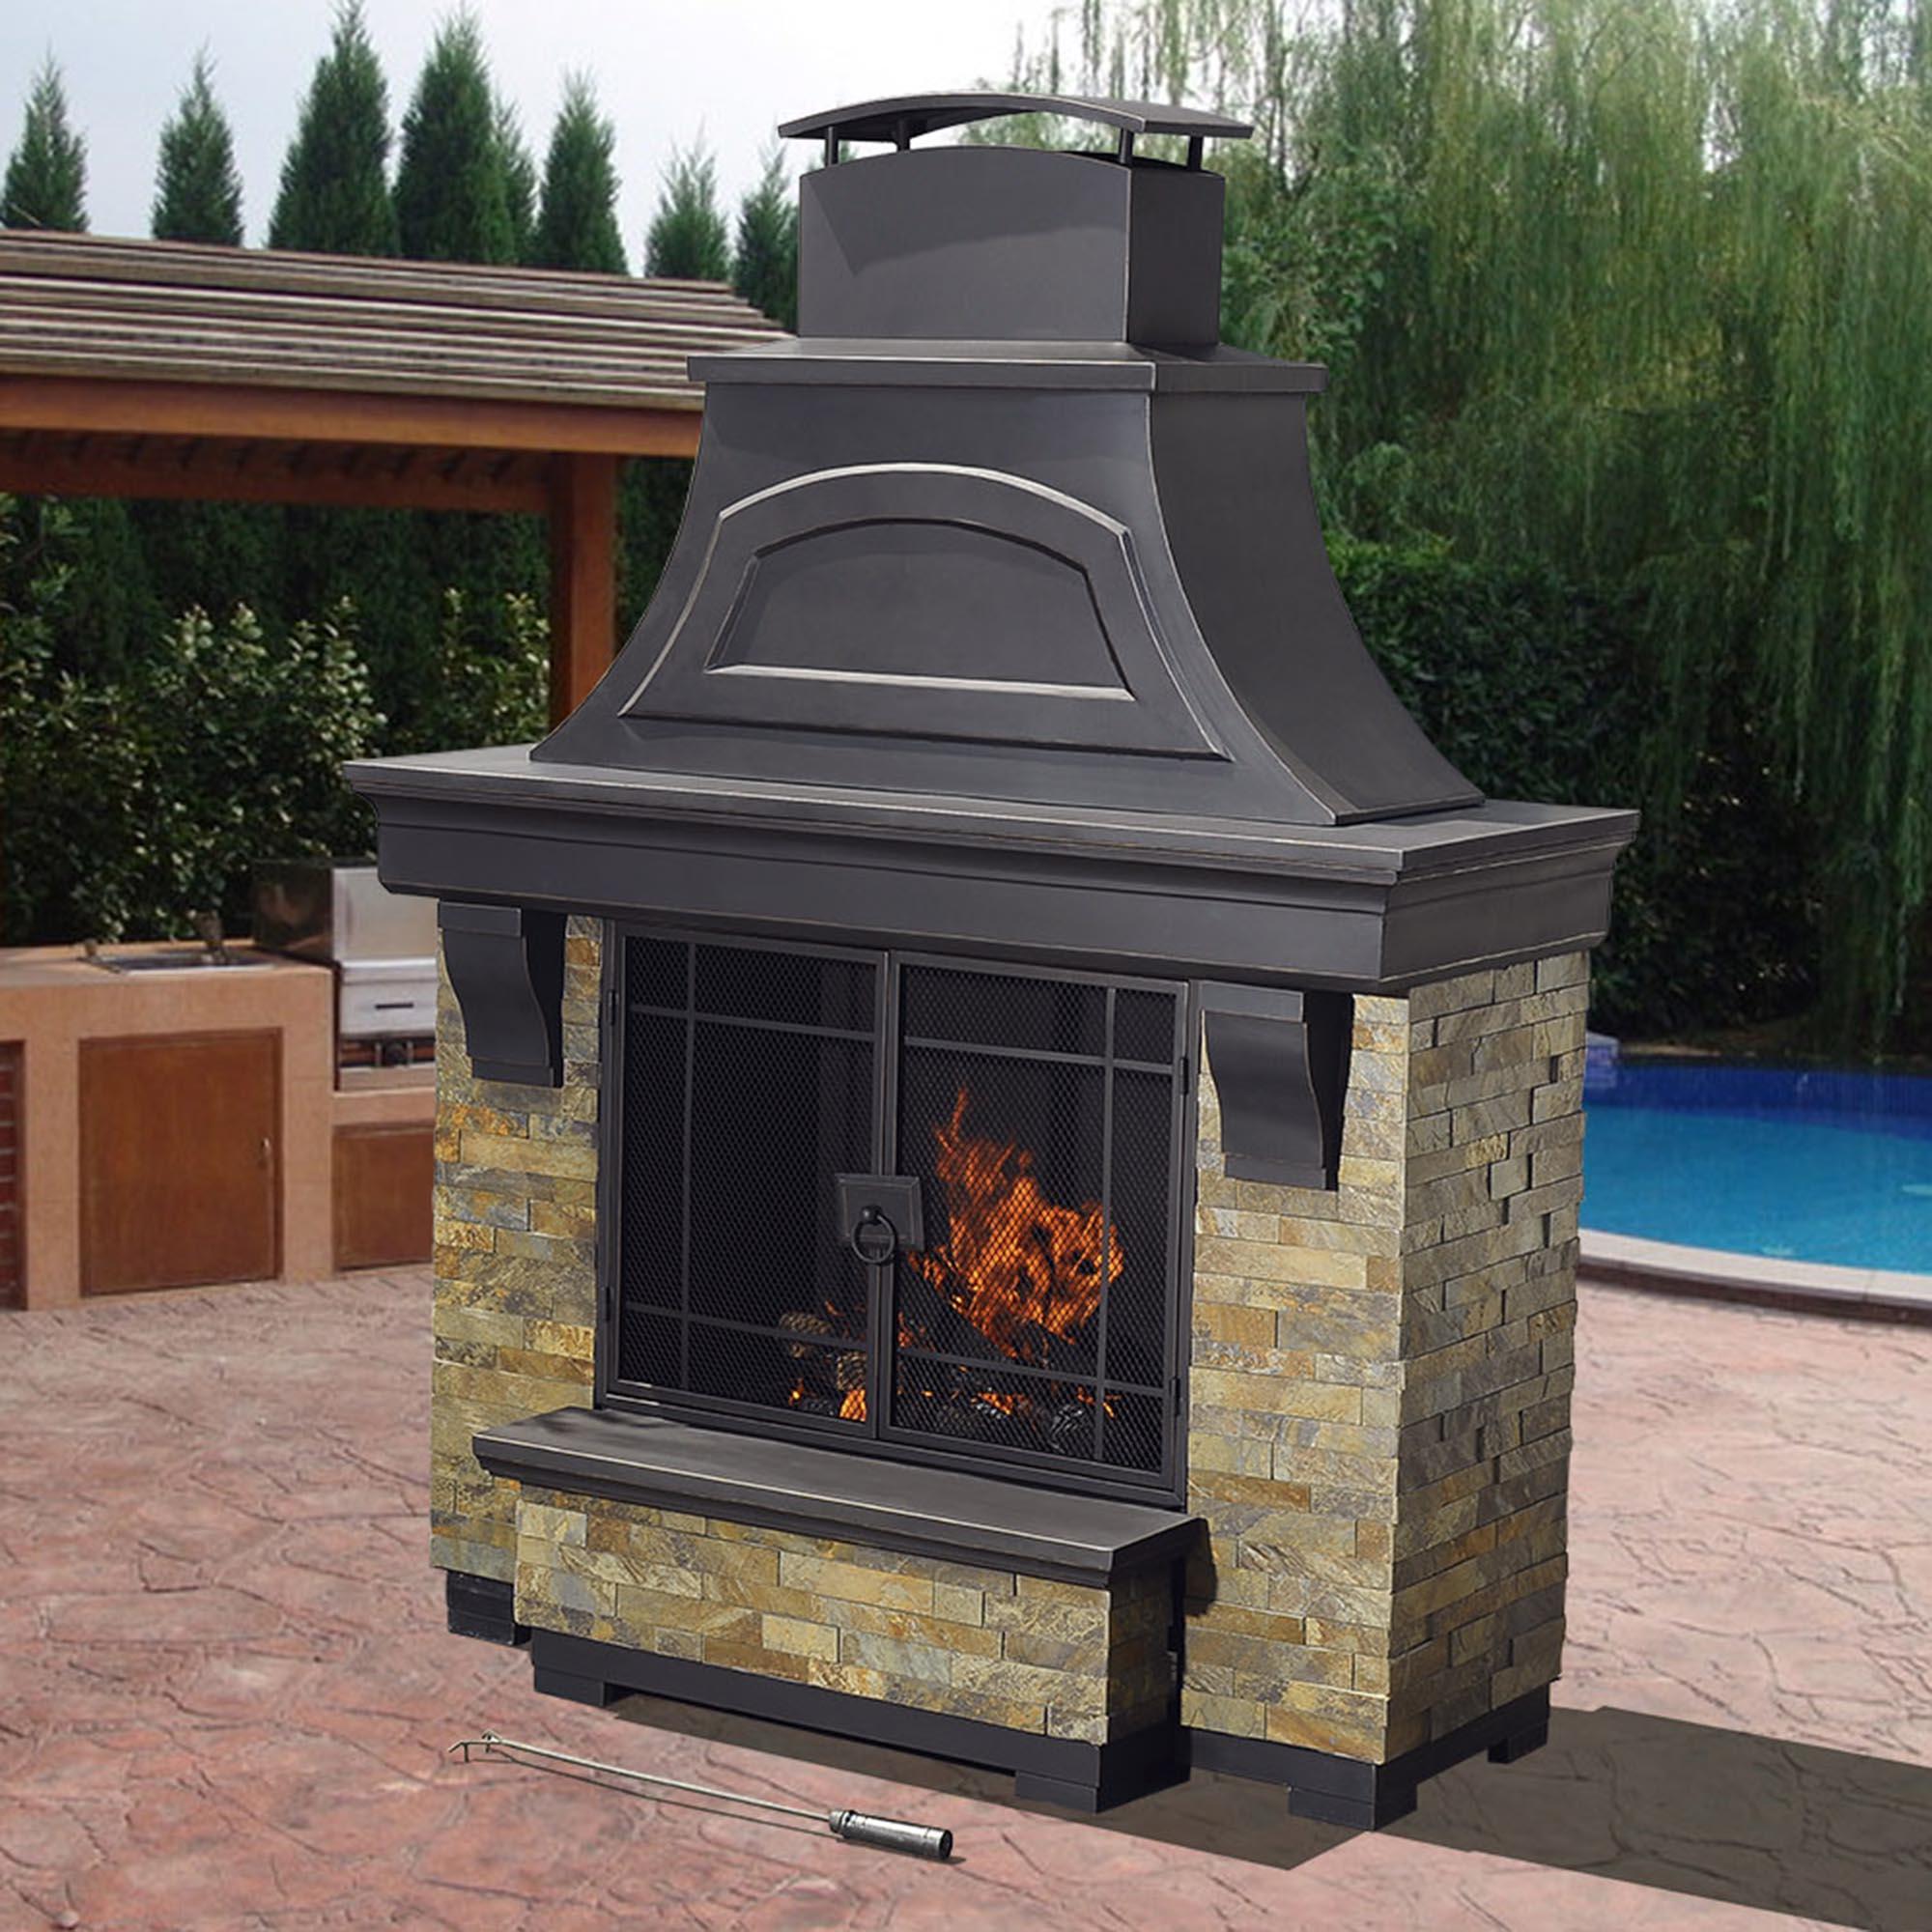 Sunjoy Nutmeg Wood Burning Fireplace